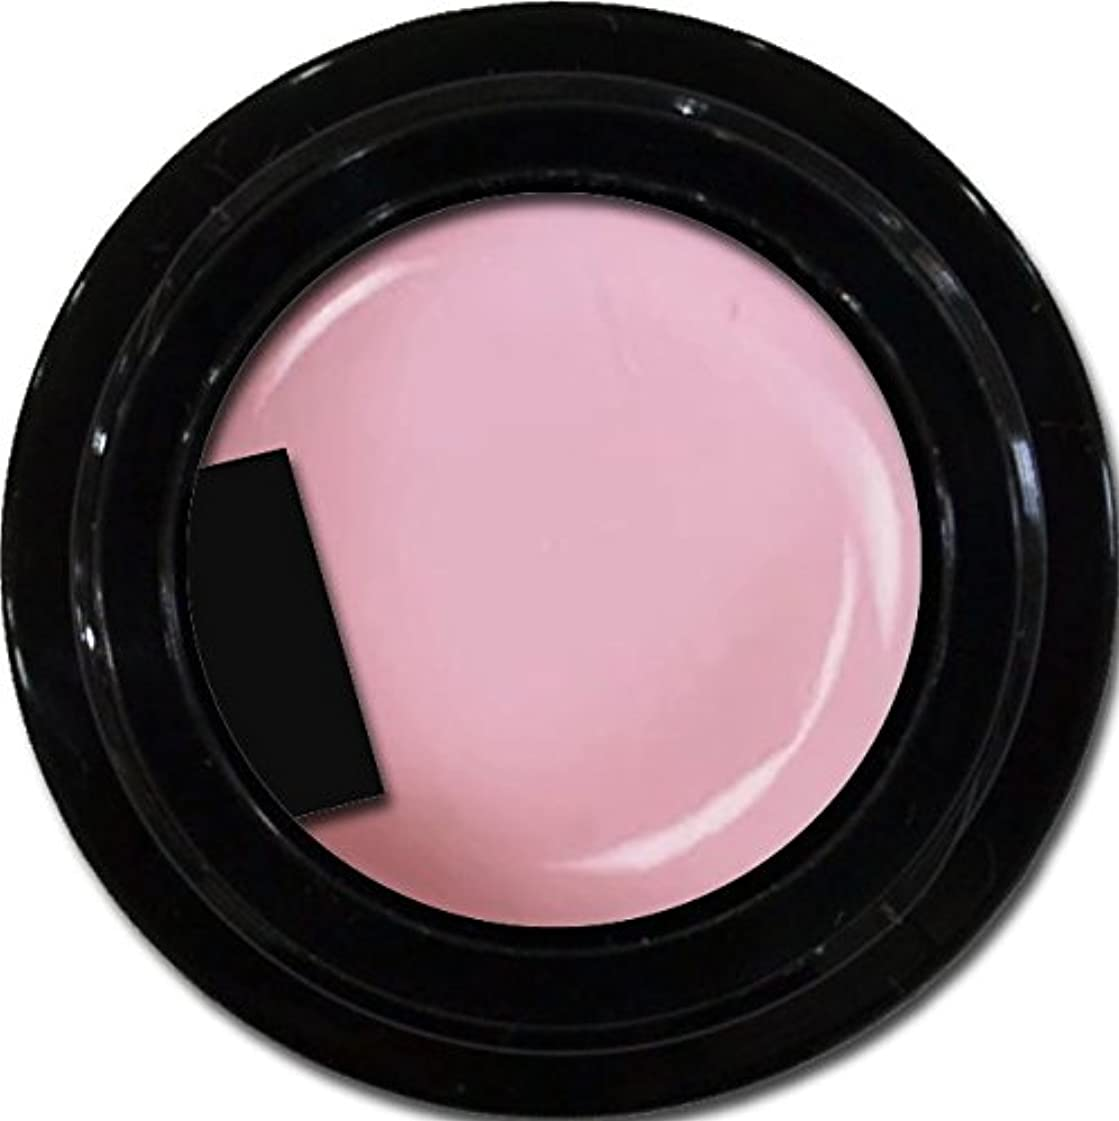 フレット慣らす勝つカラージェル enchant gel color gel S501 Sheer Lilac 3g/ エンチャントジェル カラージェル S501シアーライラック 3グラム